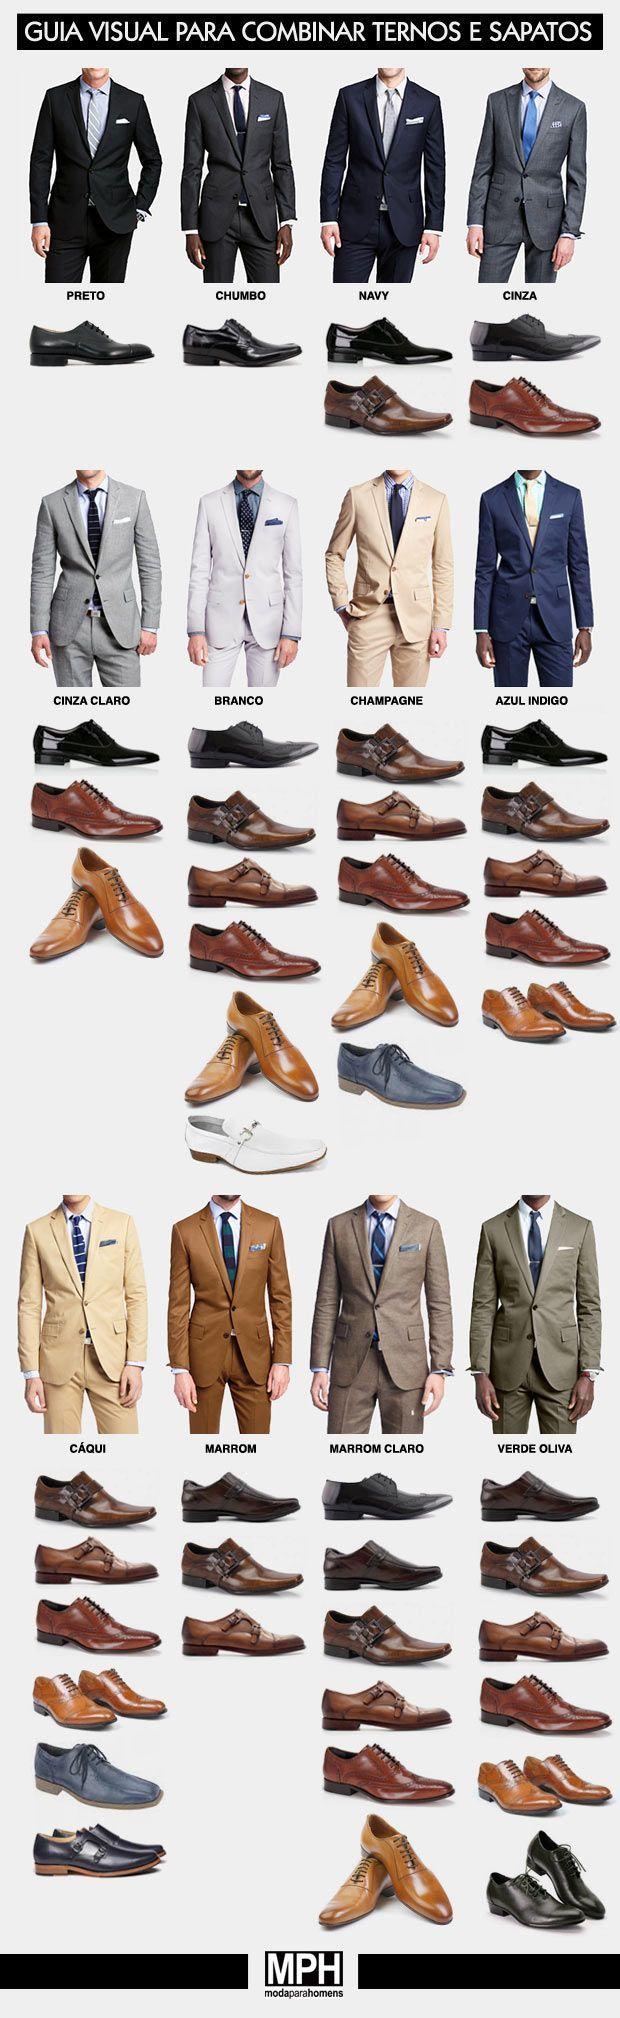 Guia visual para combinar ternos e sapatos e não ter como errar!: